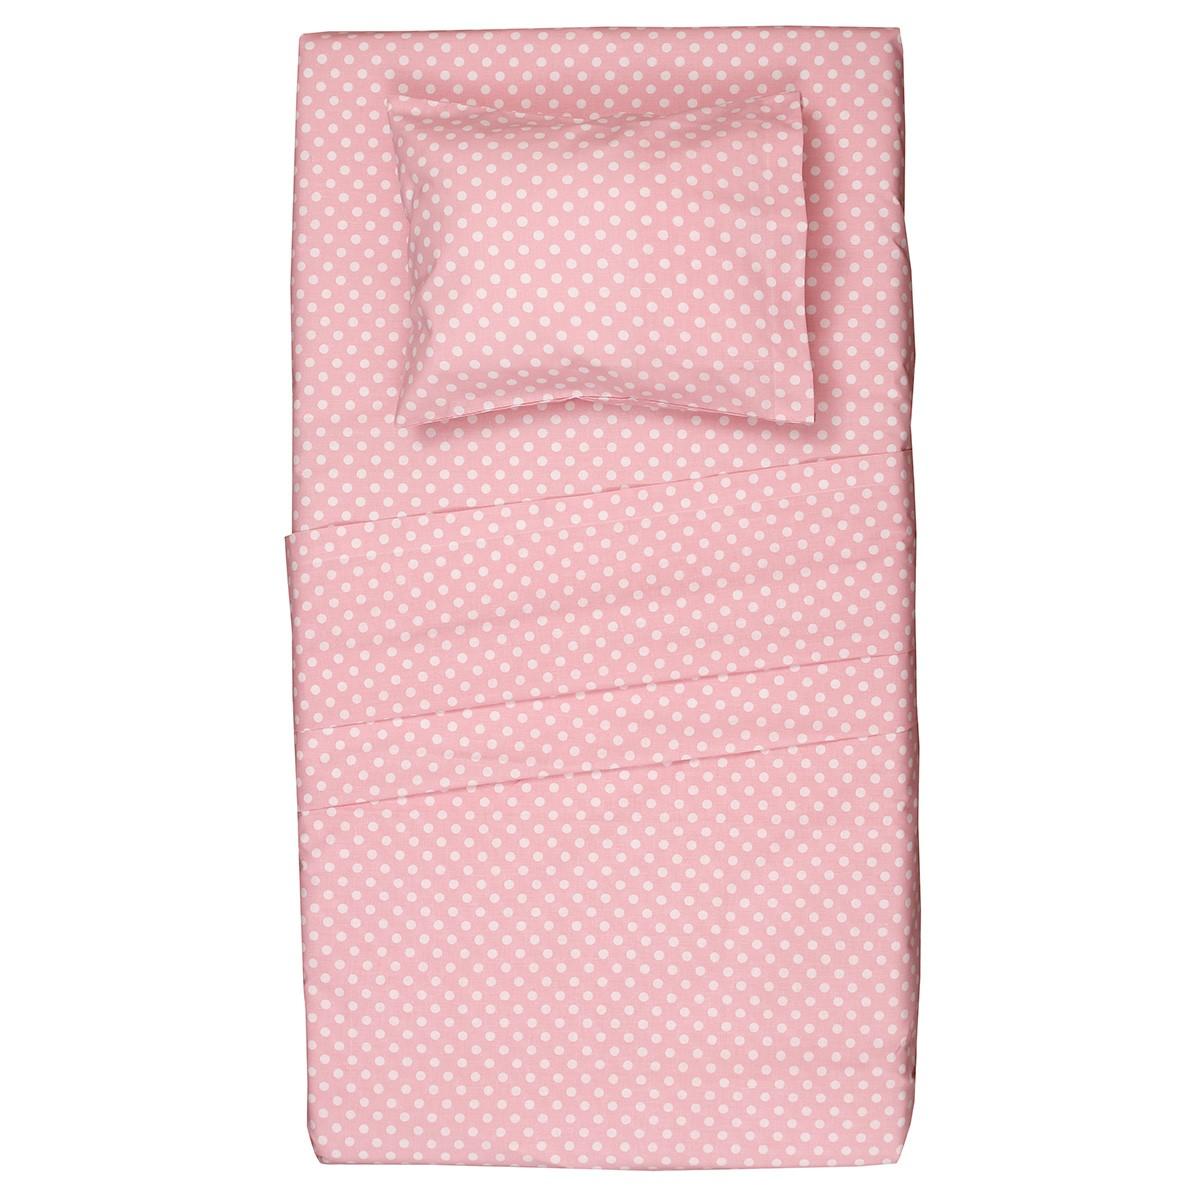 Κουβερλί Κούνιας (Σετ) Viopros Kid Κονφετί Ροζ